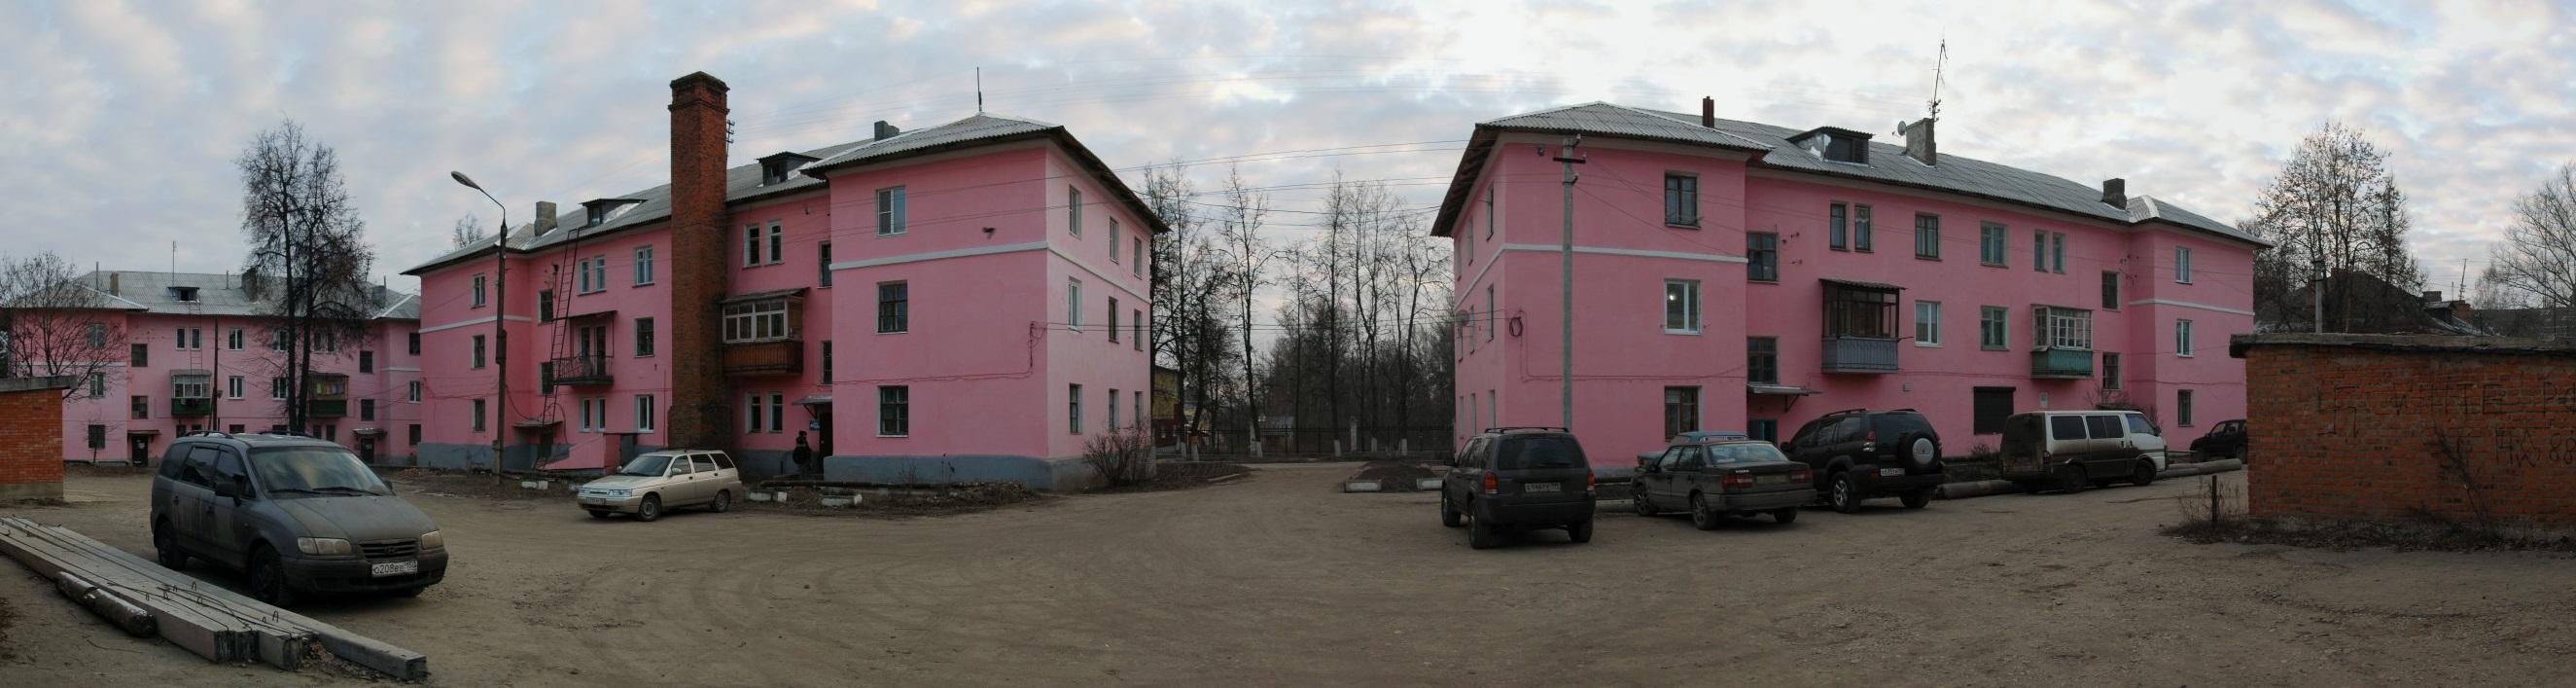 Грузоперевозки из Москвы в Ясногорск